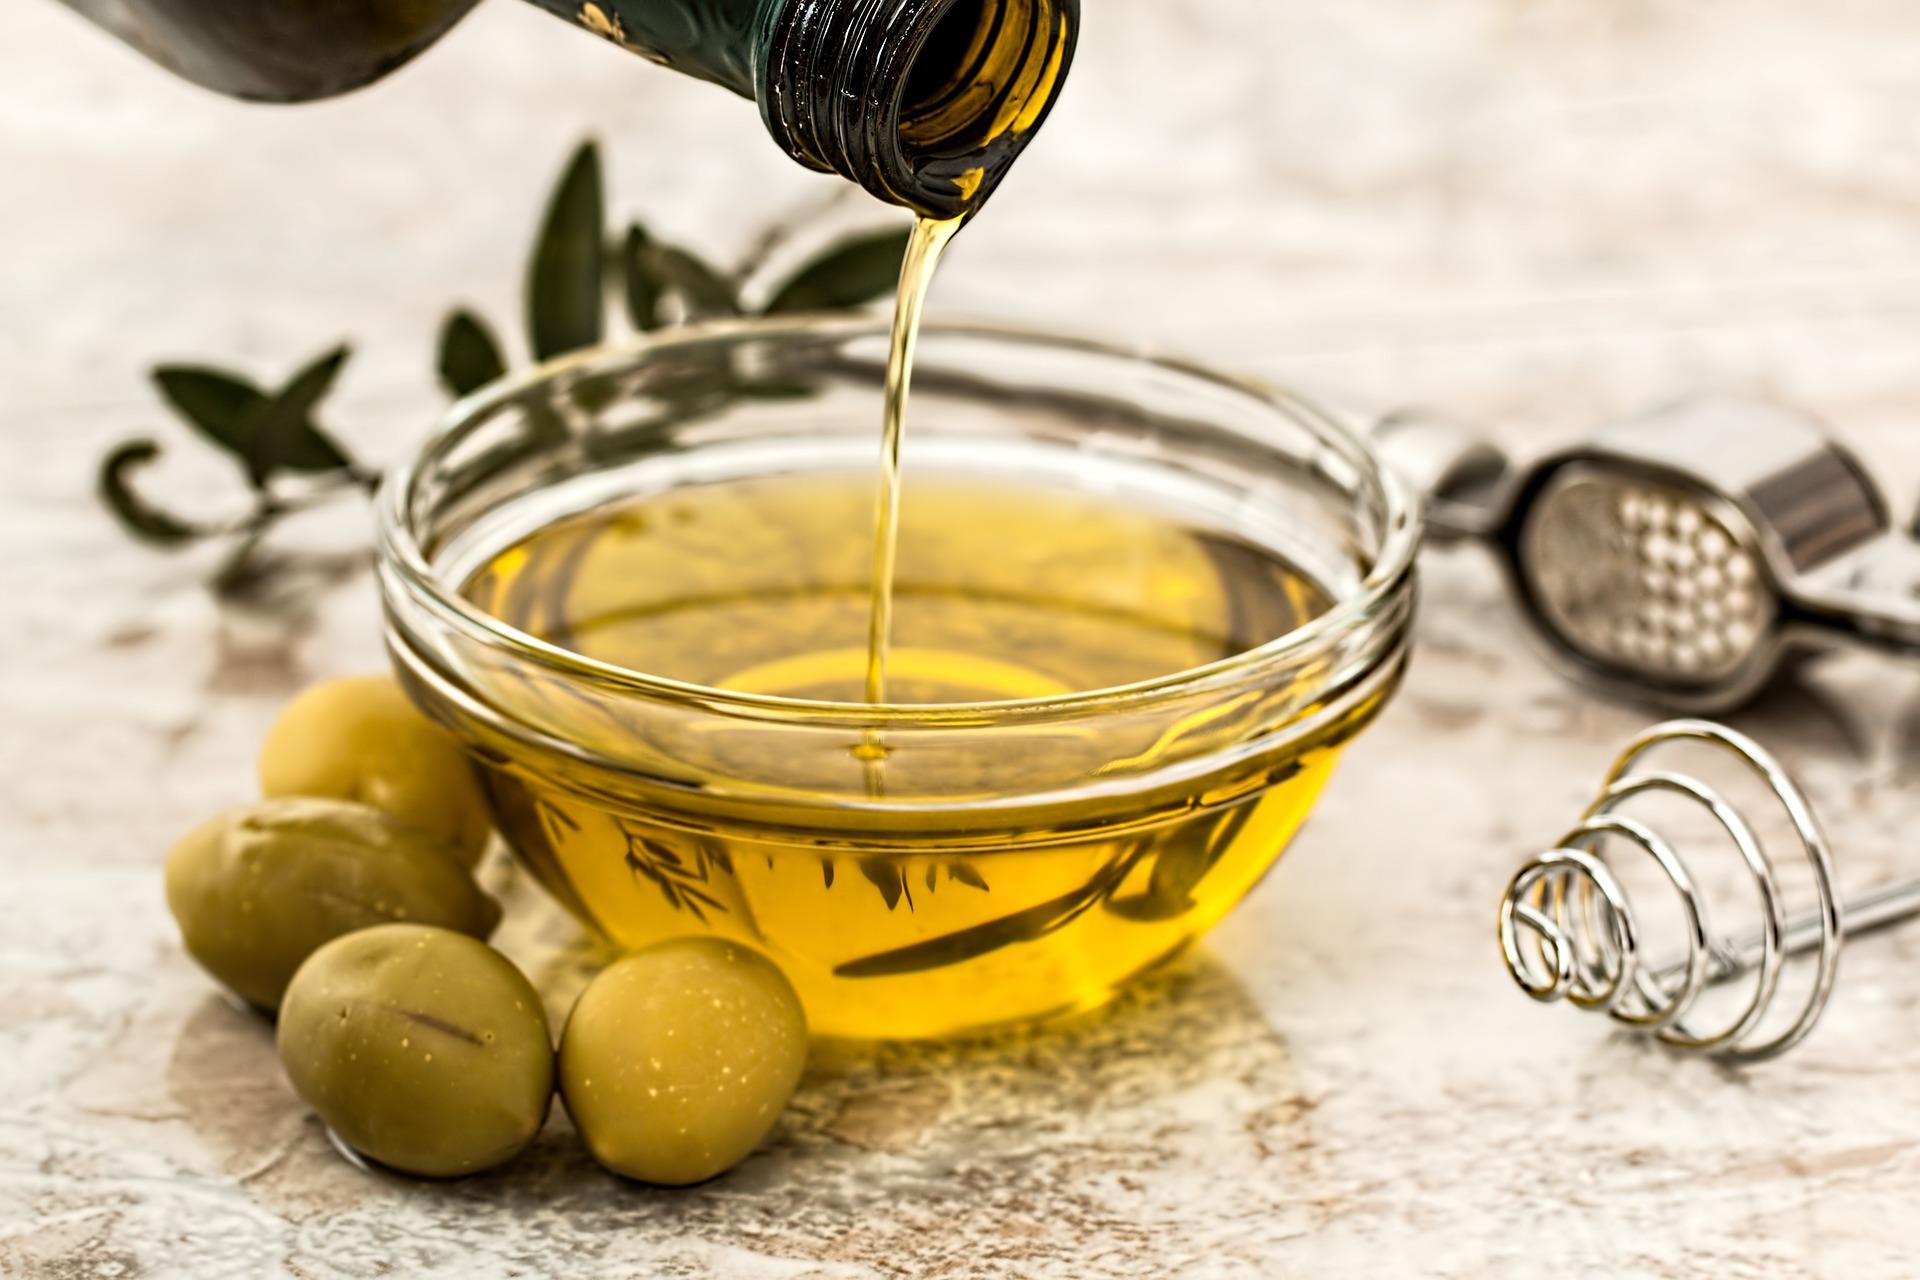 Question] : Quelle est la différence entre une huile vierge